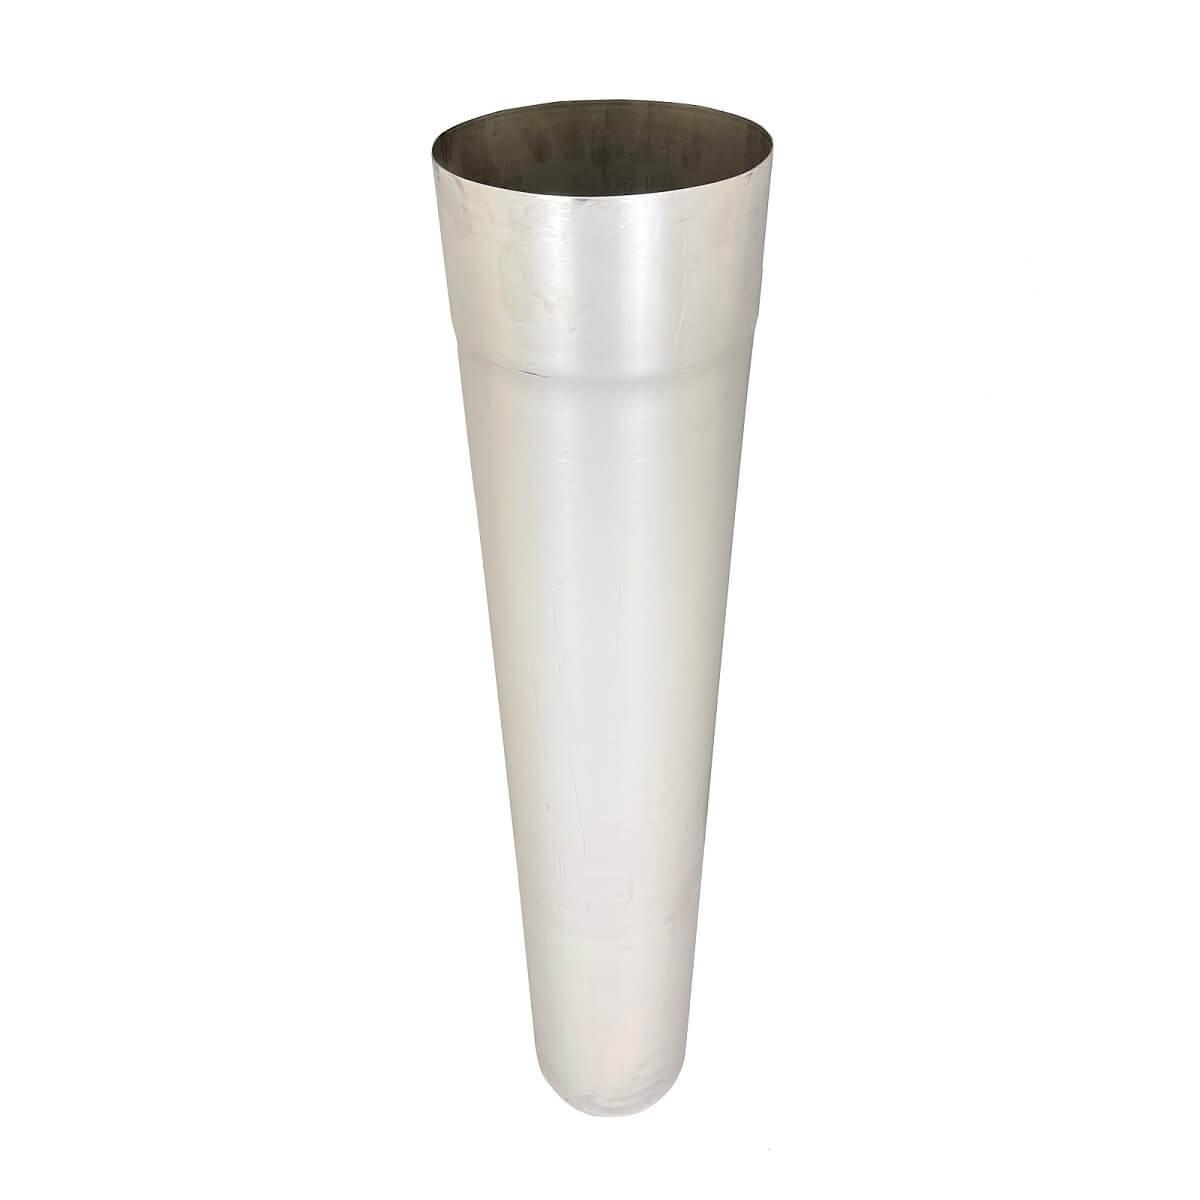 Труба для дымохода L-0,3 м D-150 мм толщина 0,8 мм